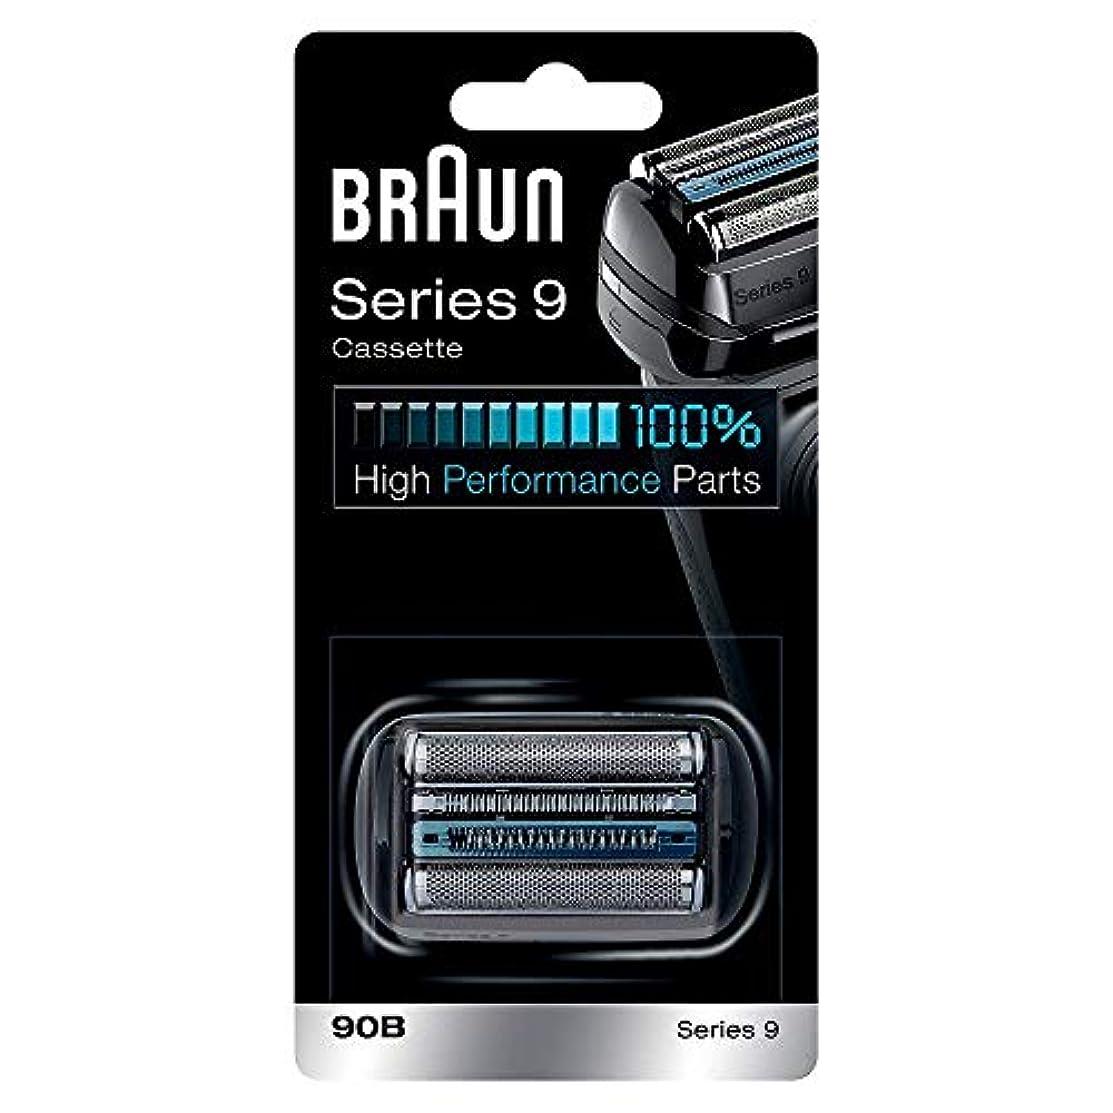 進む外交問題睡眠Braun 90B シリーズ9電気かみそりのためのブラックフォイルカッターヘッドパック 90B [並行輸入品]